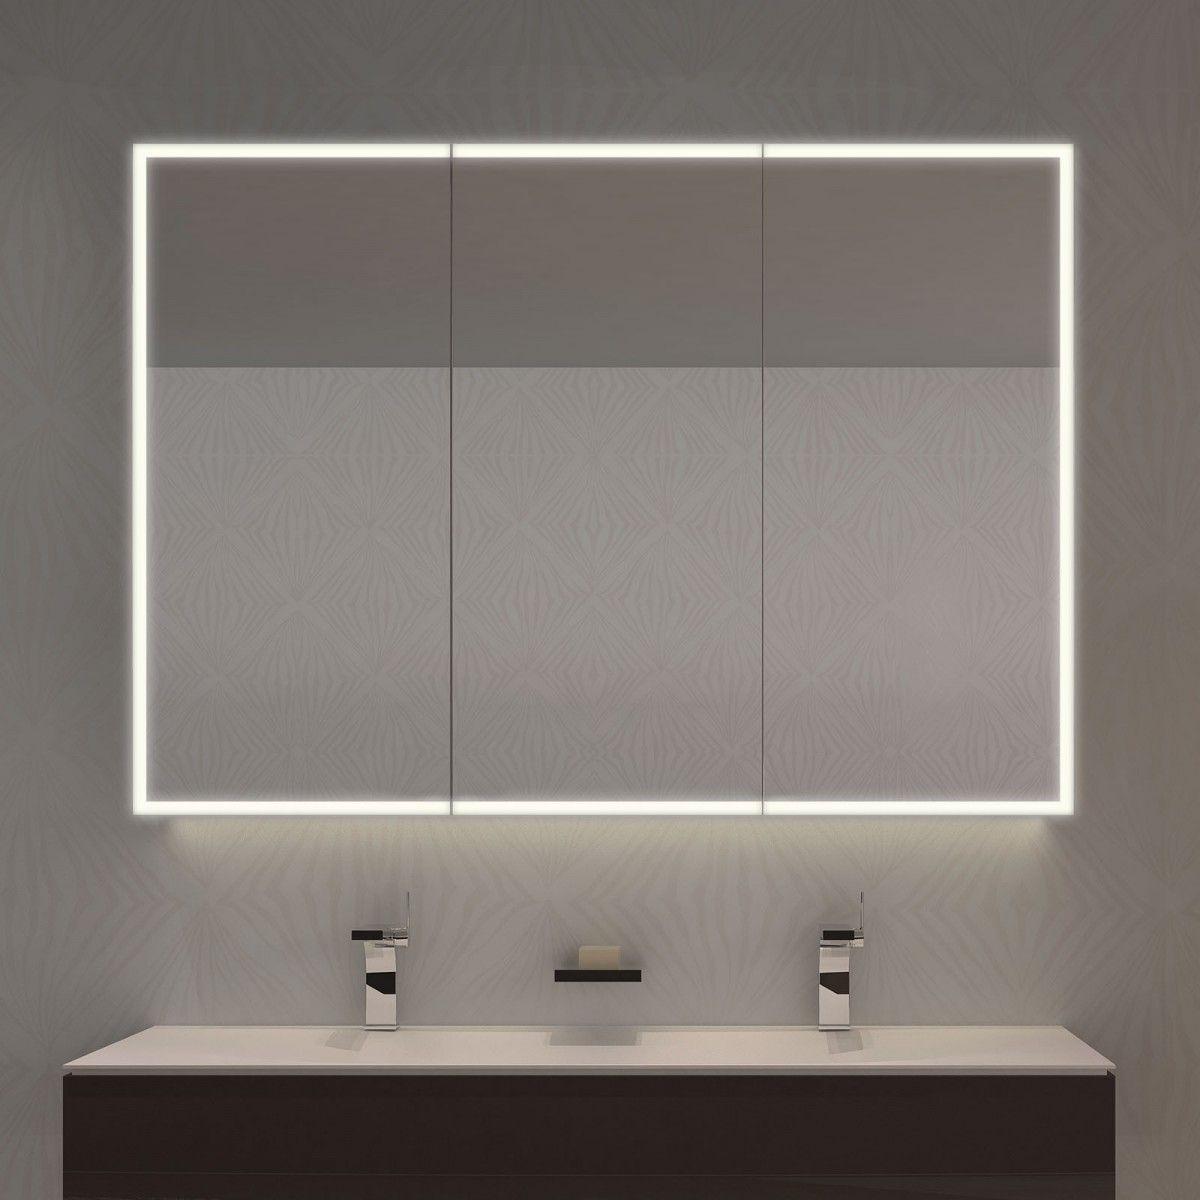 Spiegelschrank Nach Mass Mit Led Credo 989705563 Spiegelschrank Spiegelschrank Beleuchtung Badezimmer Spiegelschrank